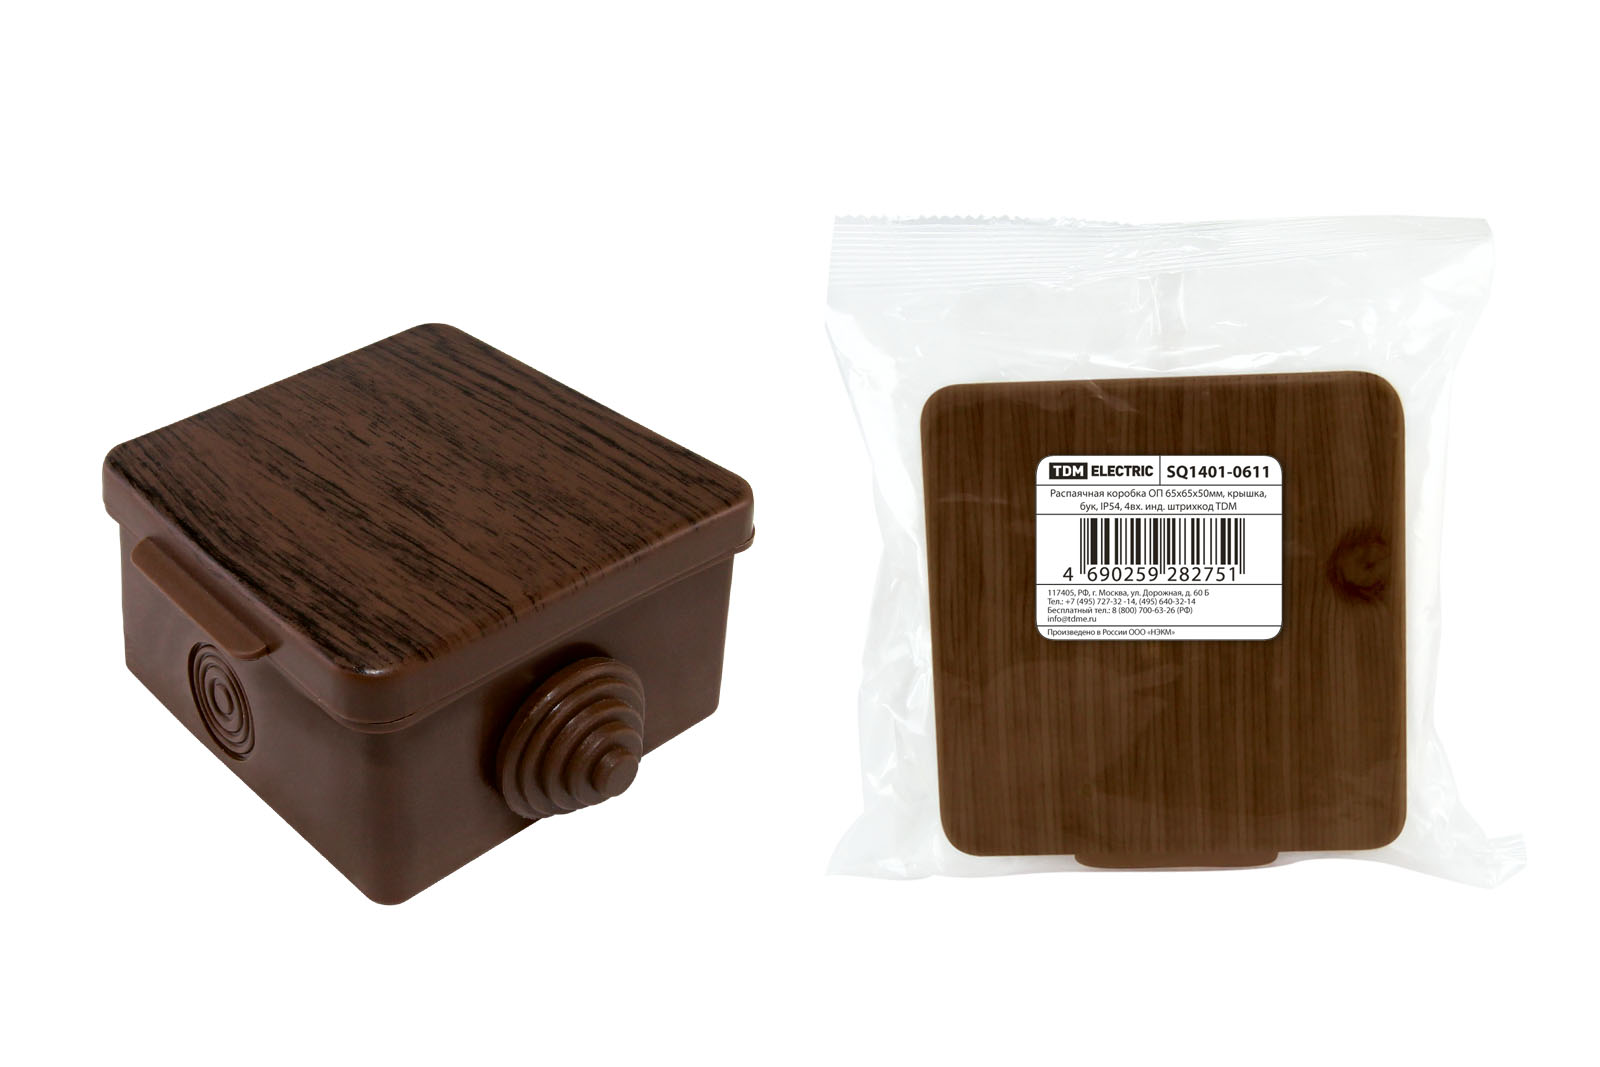 Коробка распаячная ТДМКоробки монтажные<br>Тип монтажного элемента: коробка распаячная, Тип установки коробки: наружный монтаж, Длина (мм): 65, Ширина: 65, Высота: 50, Цвет: бук, Степень защиты от пыли и влаги: IP 54<br>